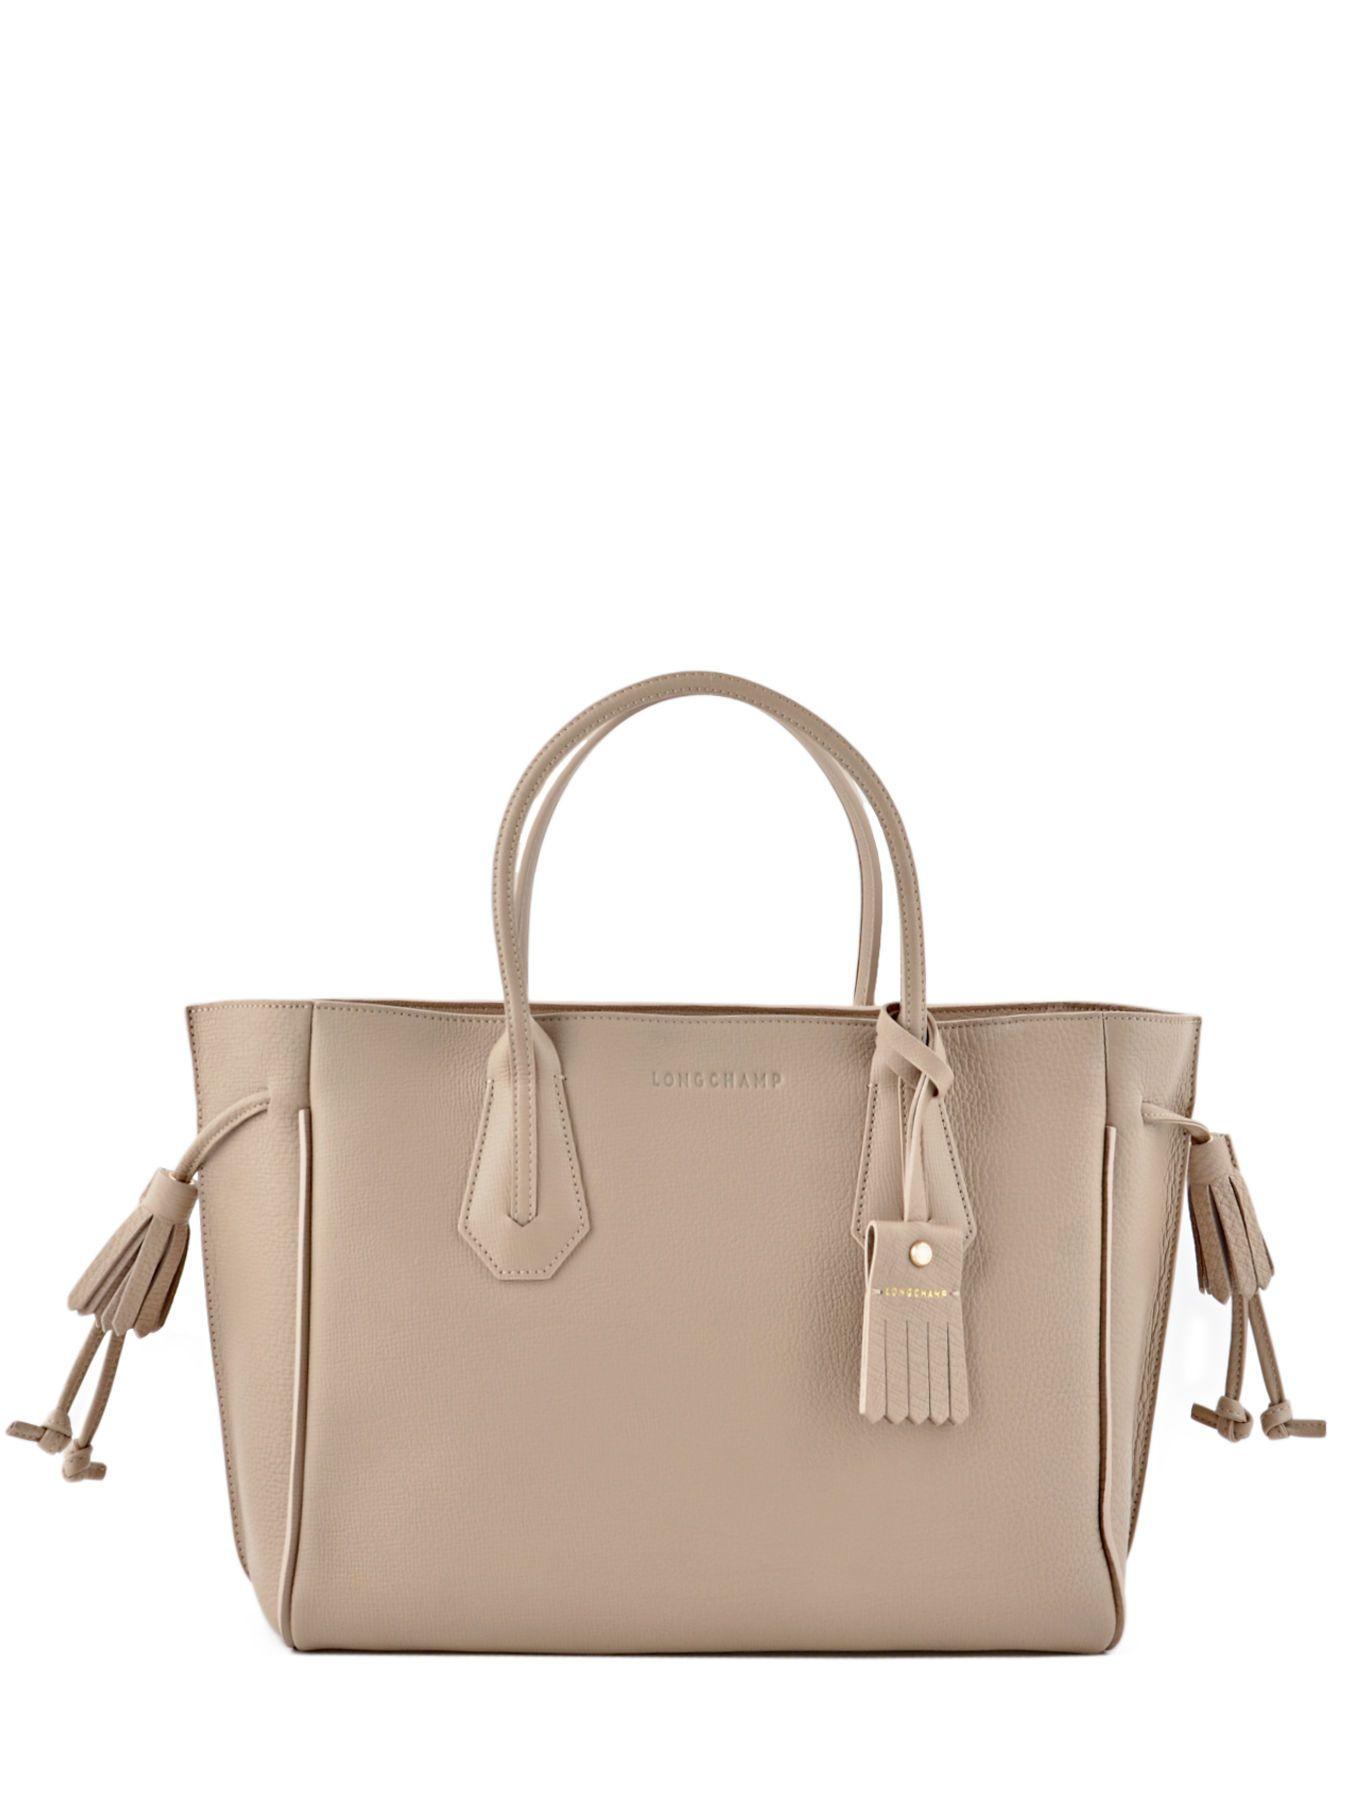 6eca26d413 Sac à main m Pénélope cuir LONGCHAMP en 2019   Handbags   Sac, Sac à ...